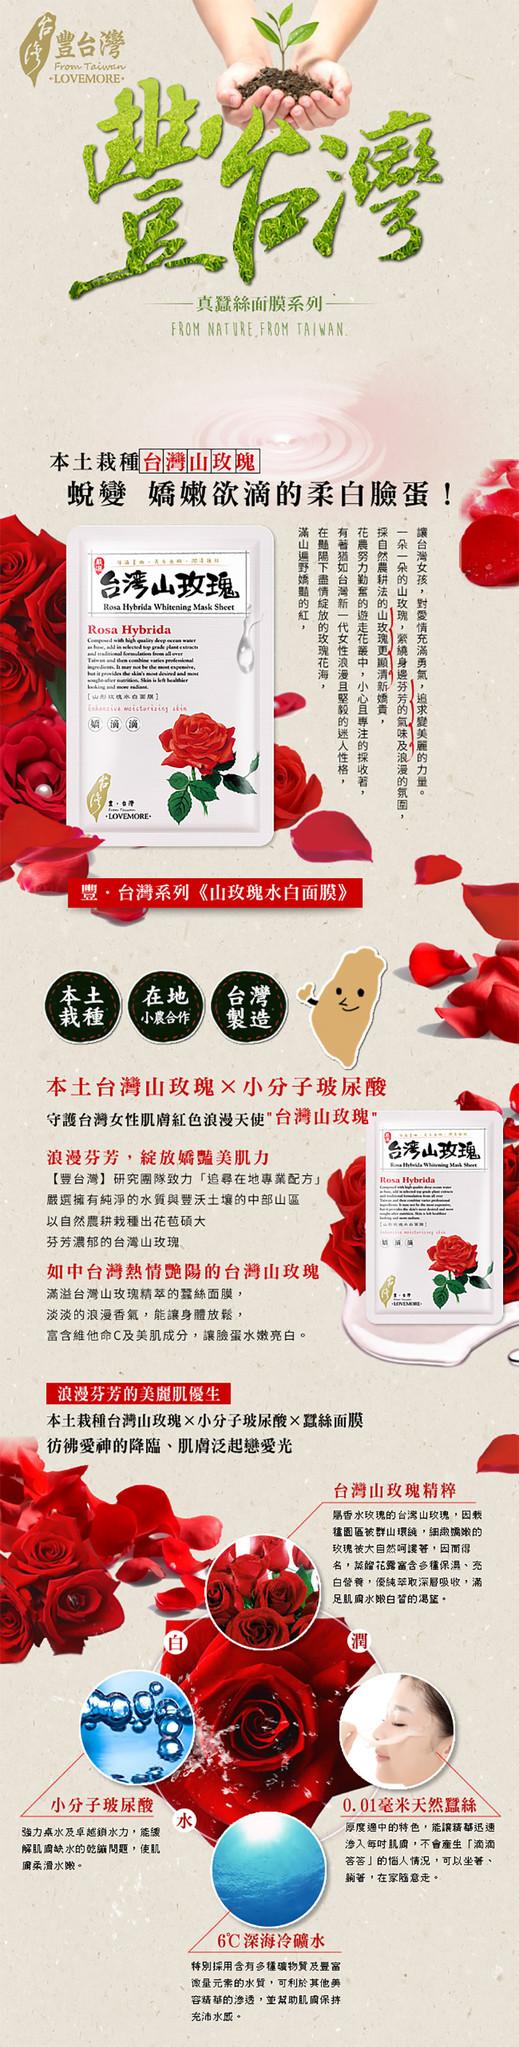 Rosa Hybrida Whitening Mask Sheet-3